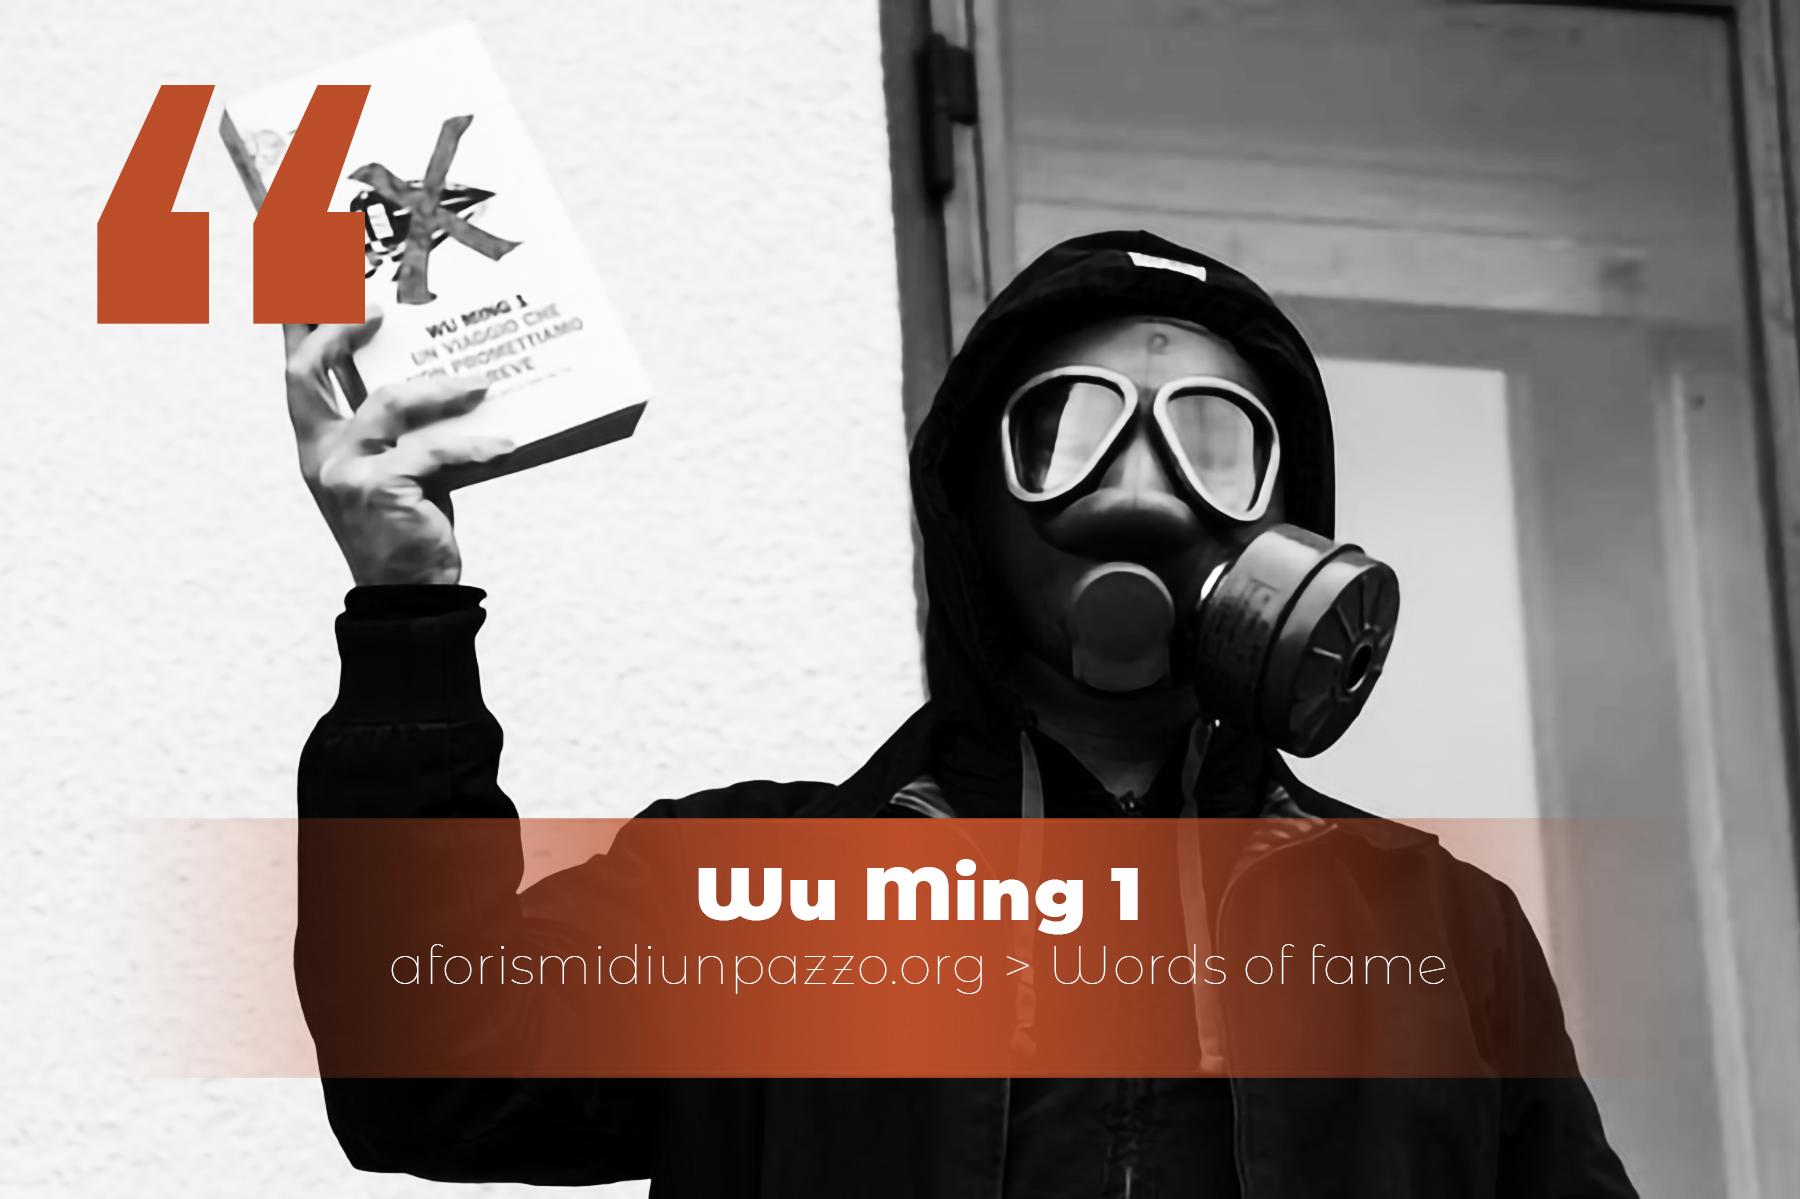 citazioni di wu ming 1